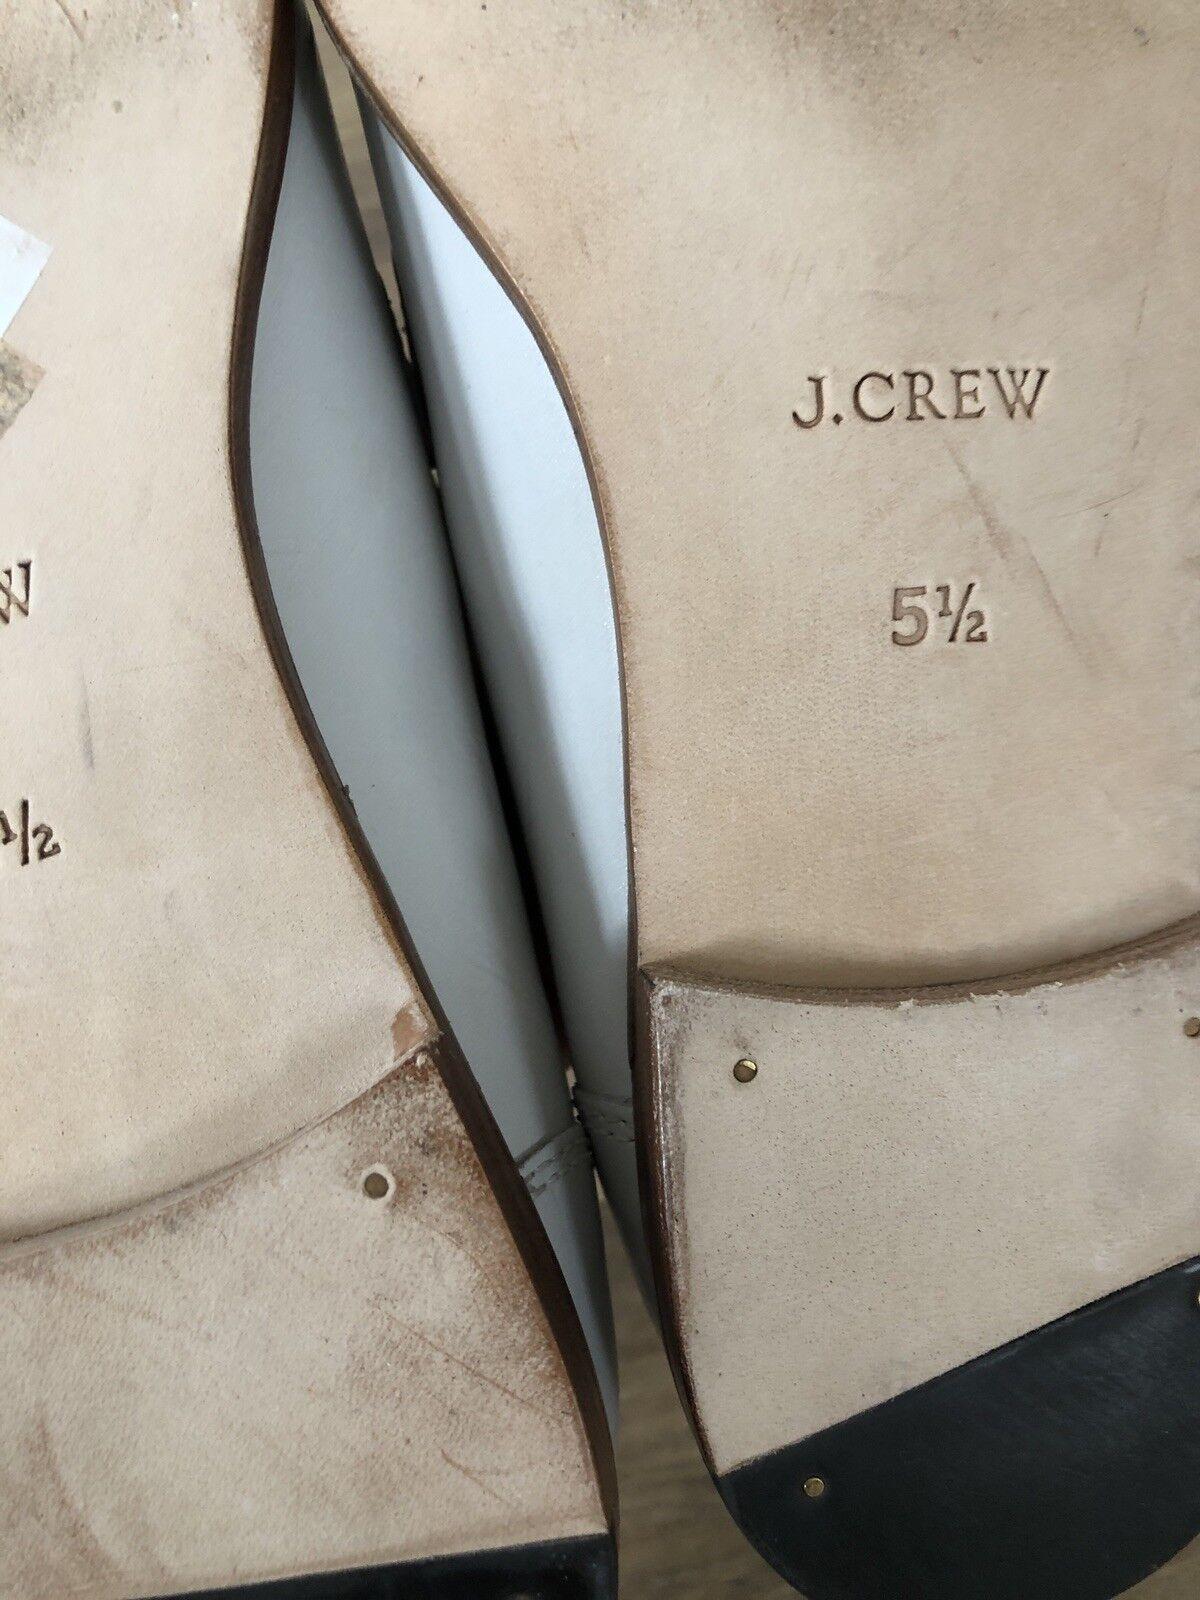 Nuevos Mocasines de J. J. J. Crew Ryan Penny 5 Cuero blancooo H8228 42d7ad